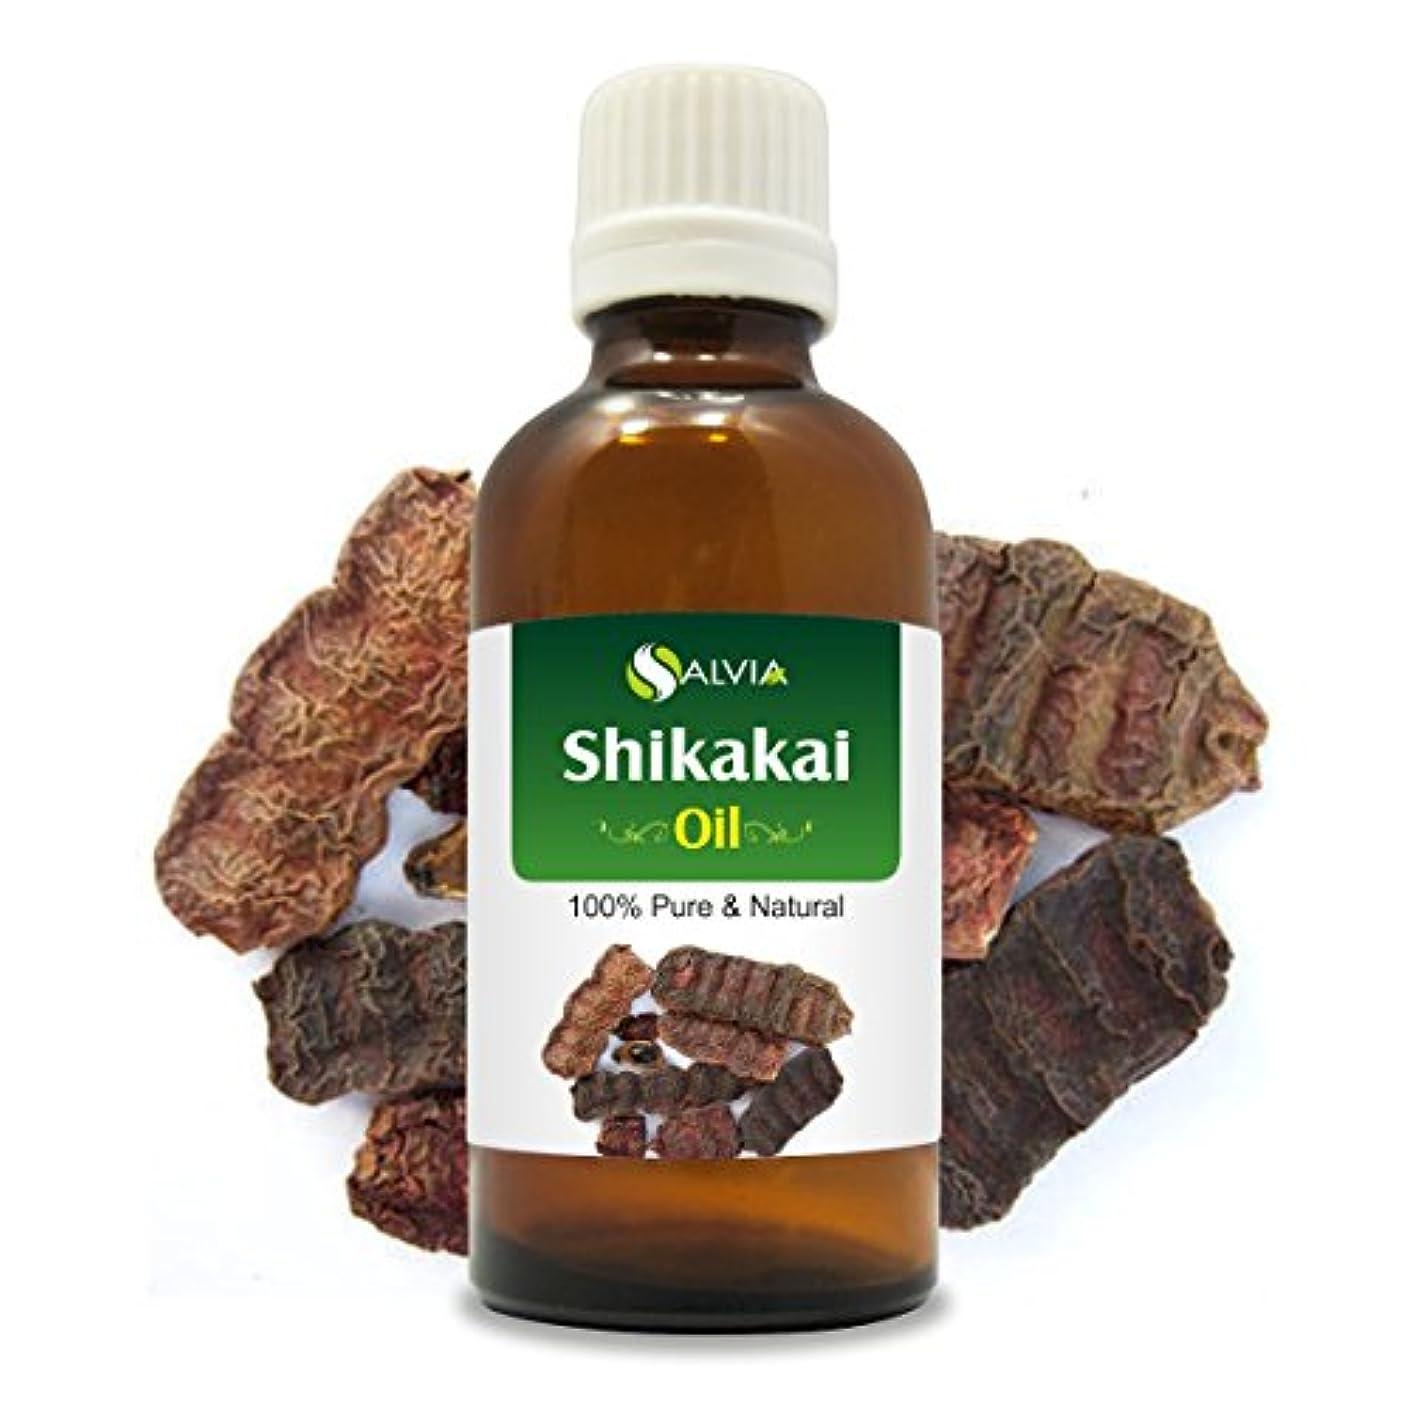 巡礼者維持する専門知識SHIKAKAI OIL 100% NATURAL PURE UNDILUTED UNCUT OIL 100ML